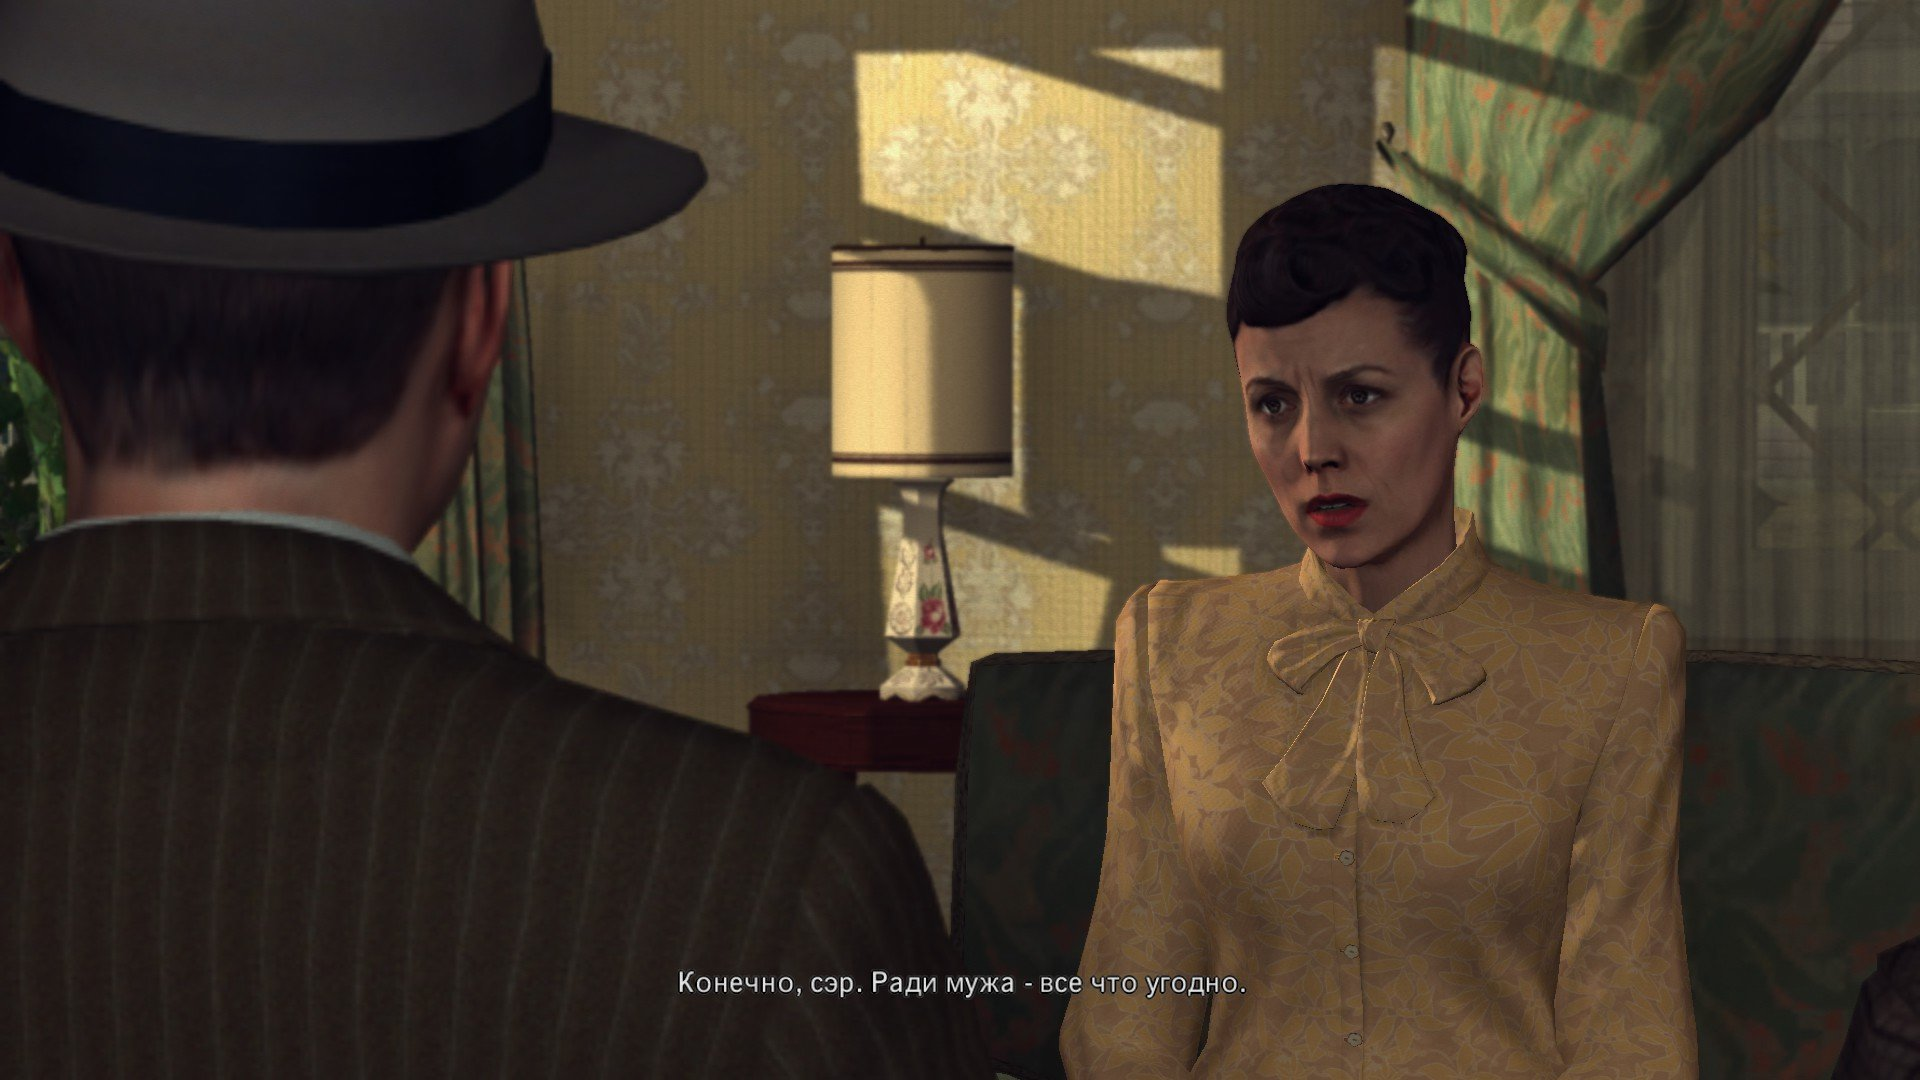 Пост-прохождение L.A. Noire Часть 3 - Изображение 19